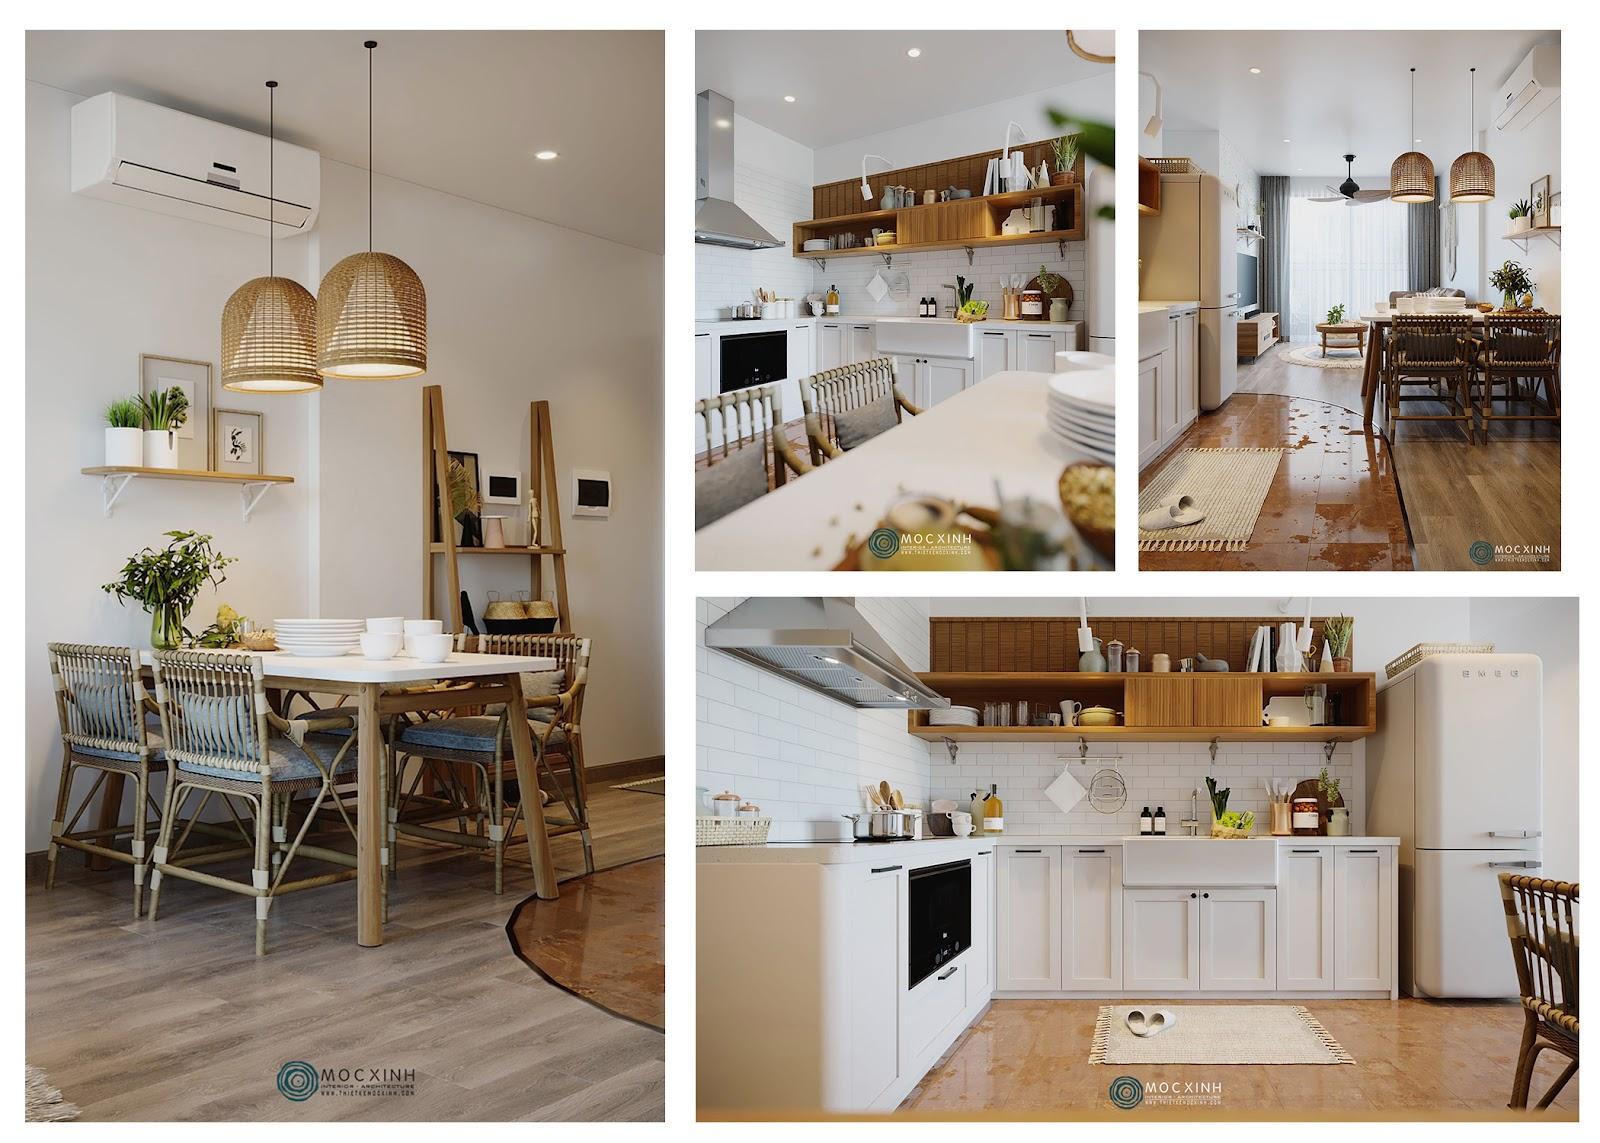 Thiết kế nội thất phòng bếp phòng ăn homestay tiện nghi ấm cúng